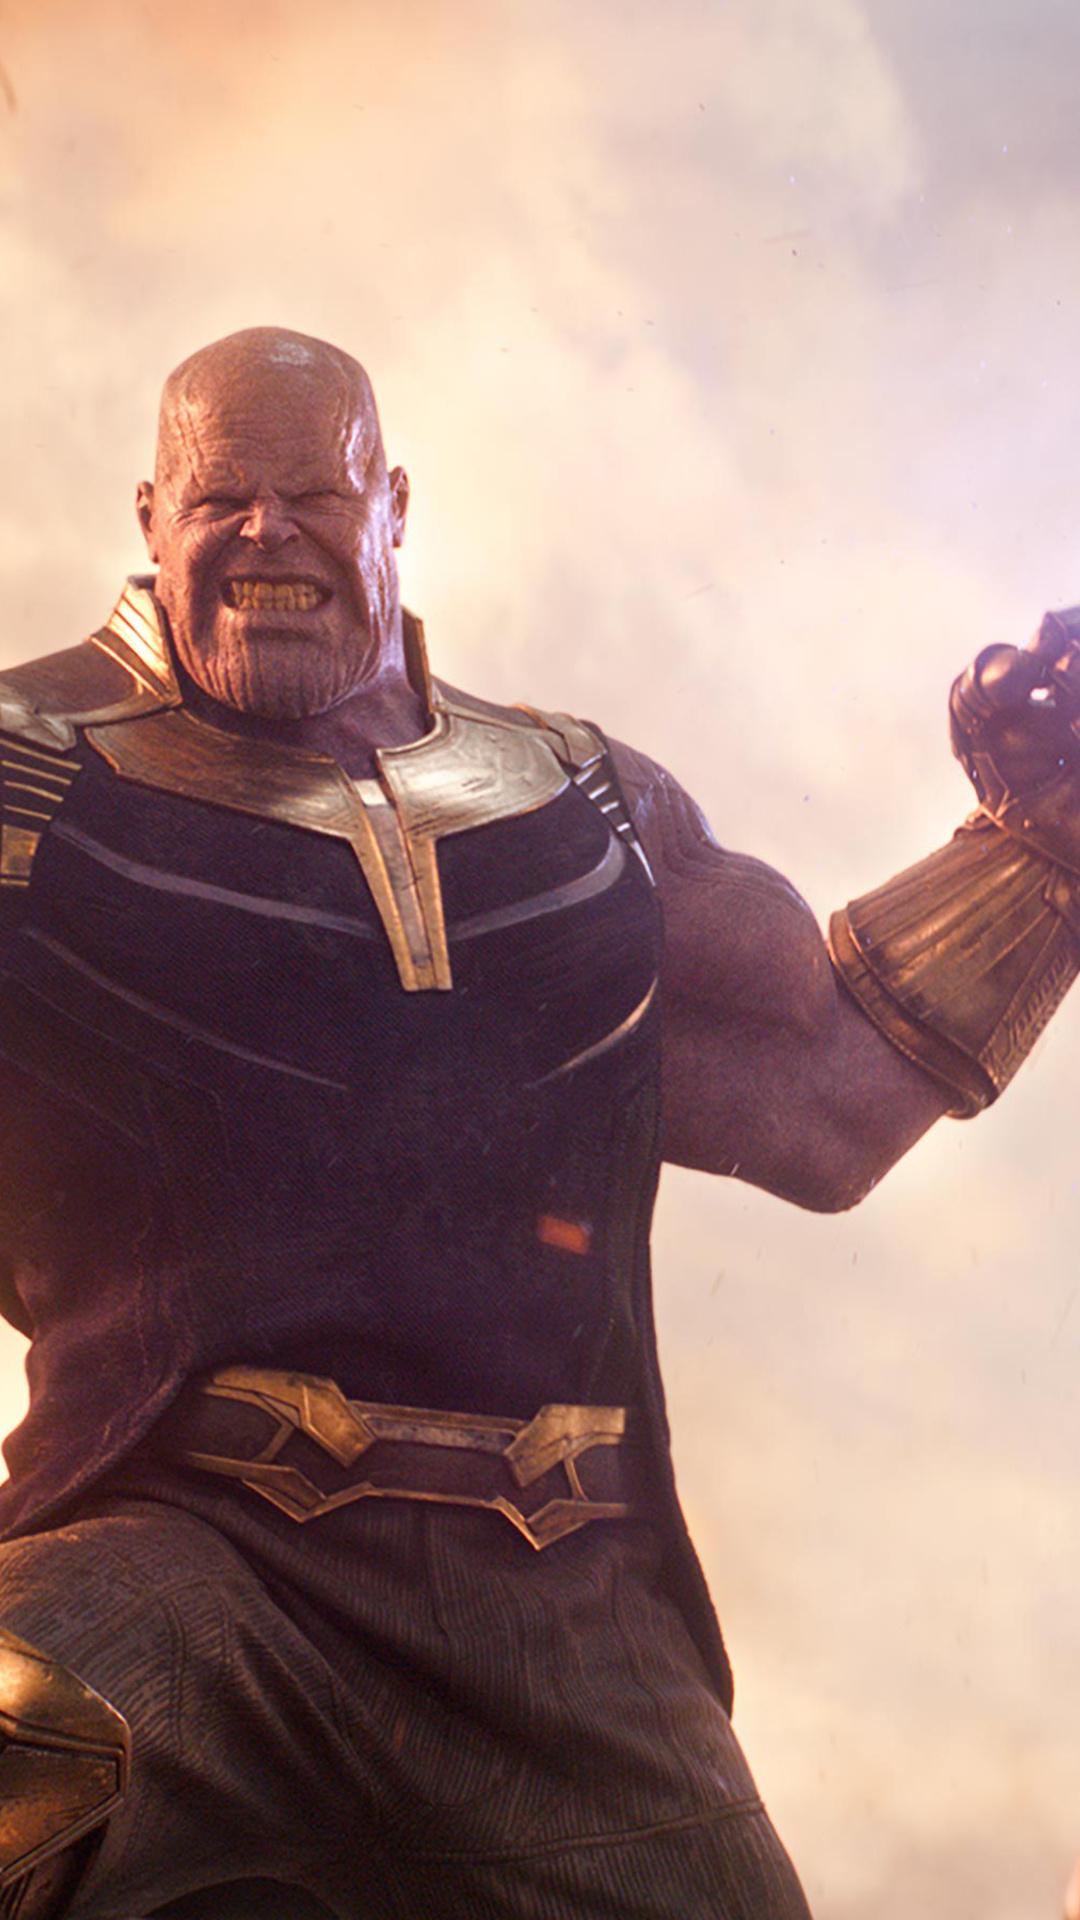 Wallpaper 4 K Thanos